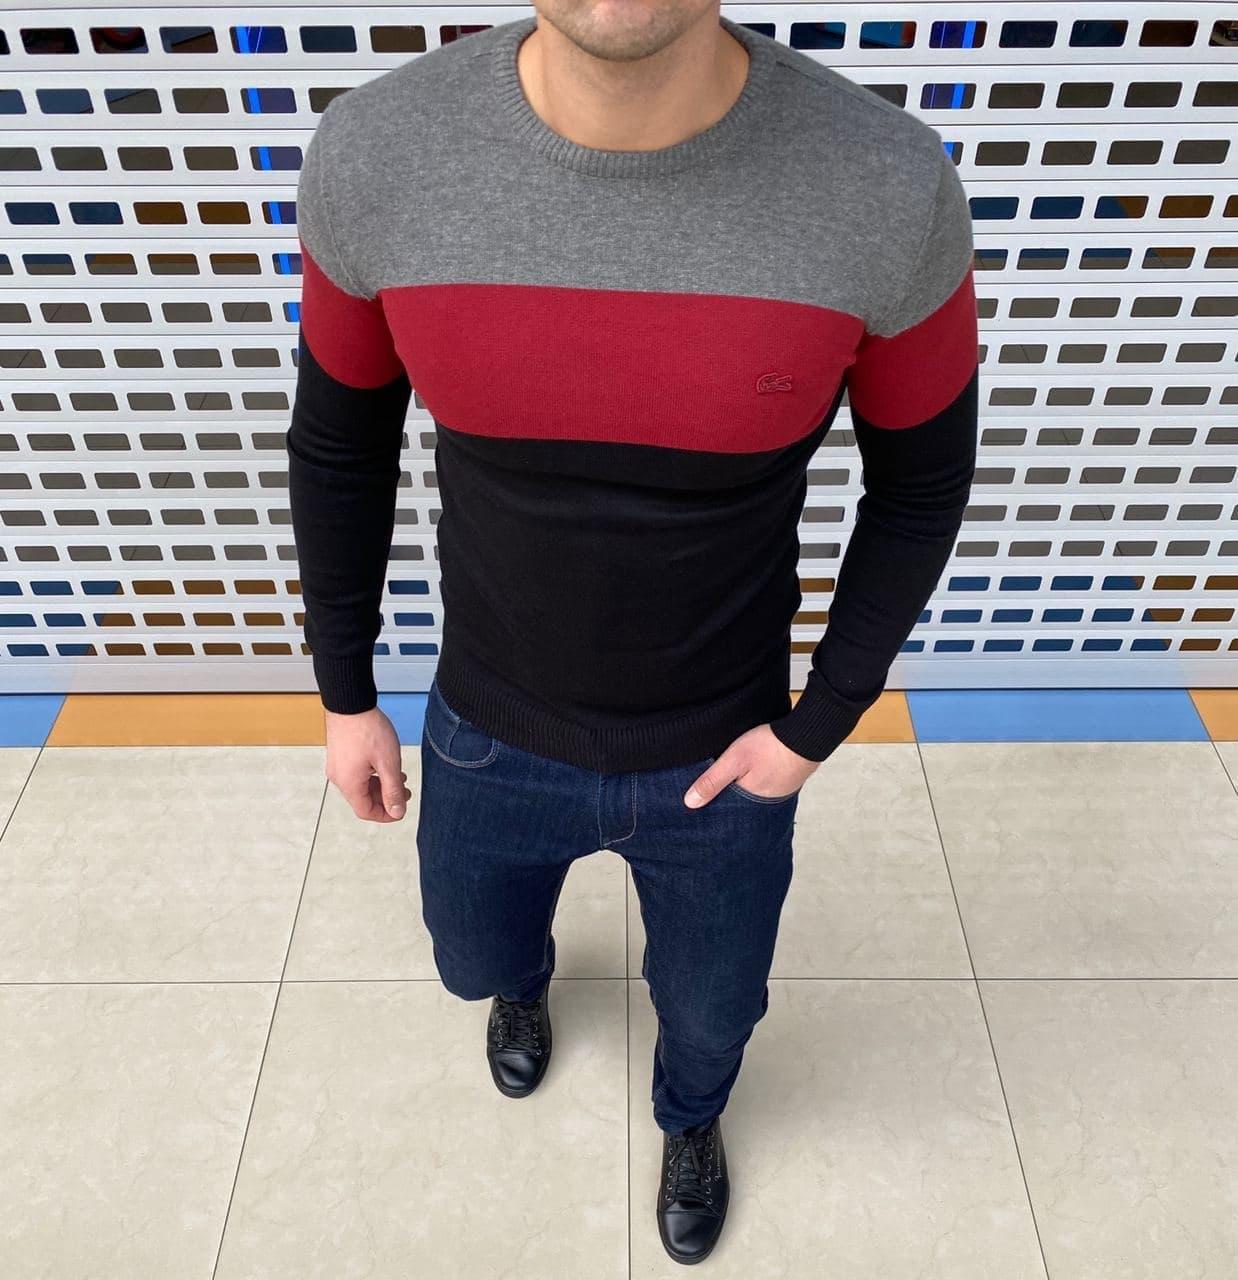 Мужская кофта Lacoste H1089 черно-красная